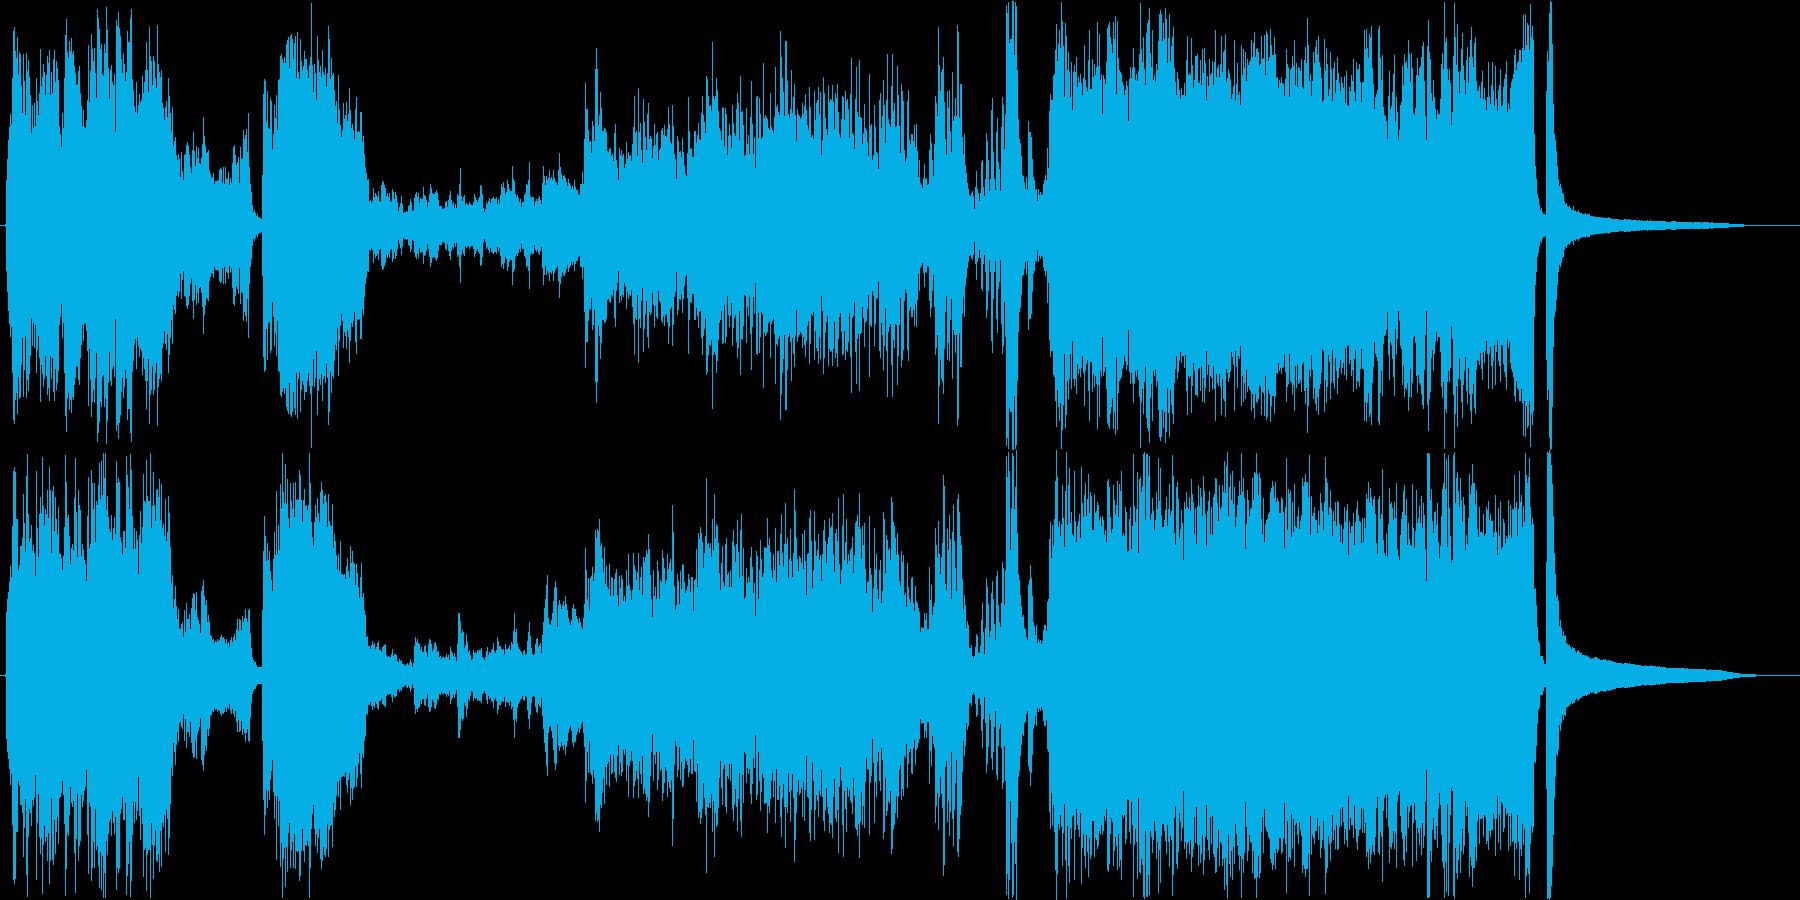 和楽器主体の大河ドラマ風和オーケストラの再生済みの波形